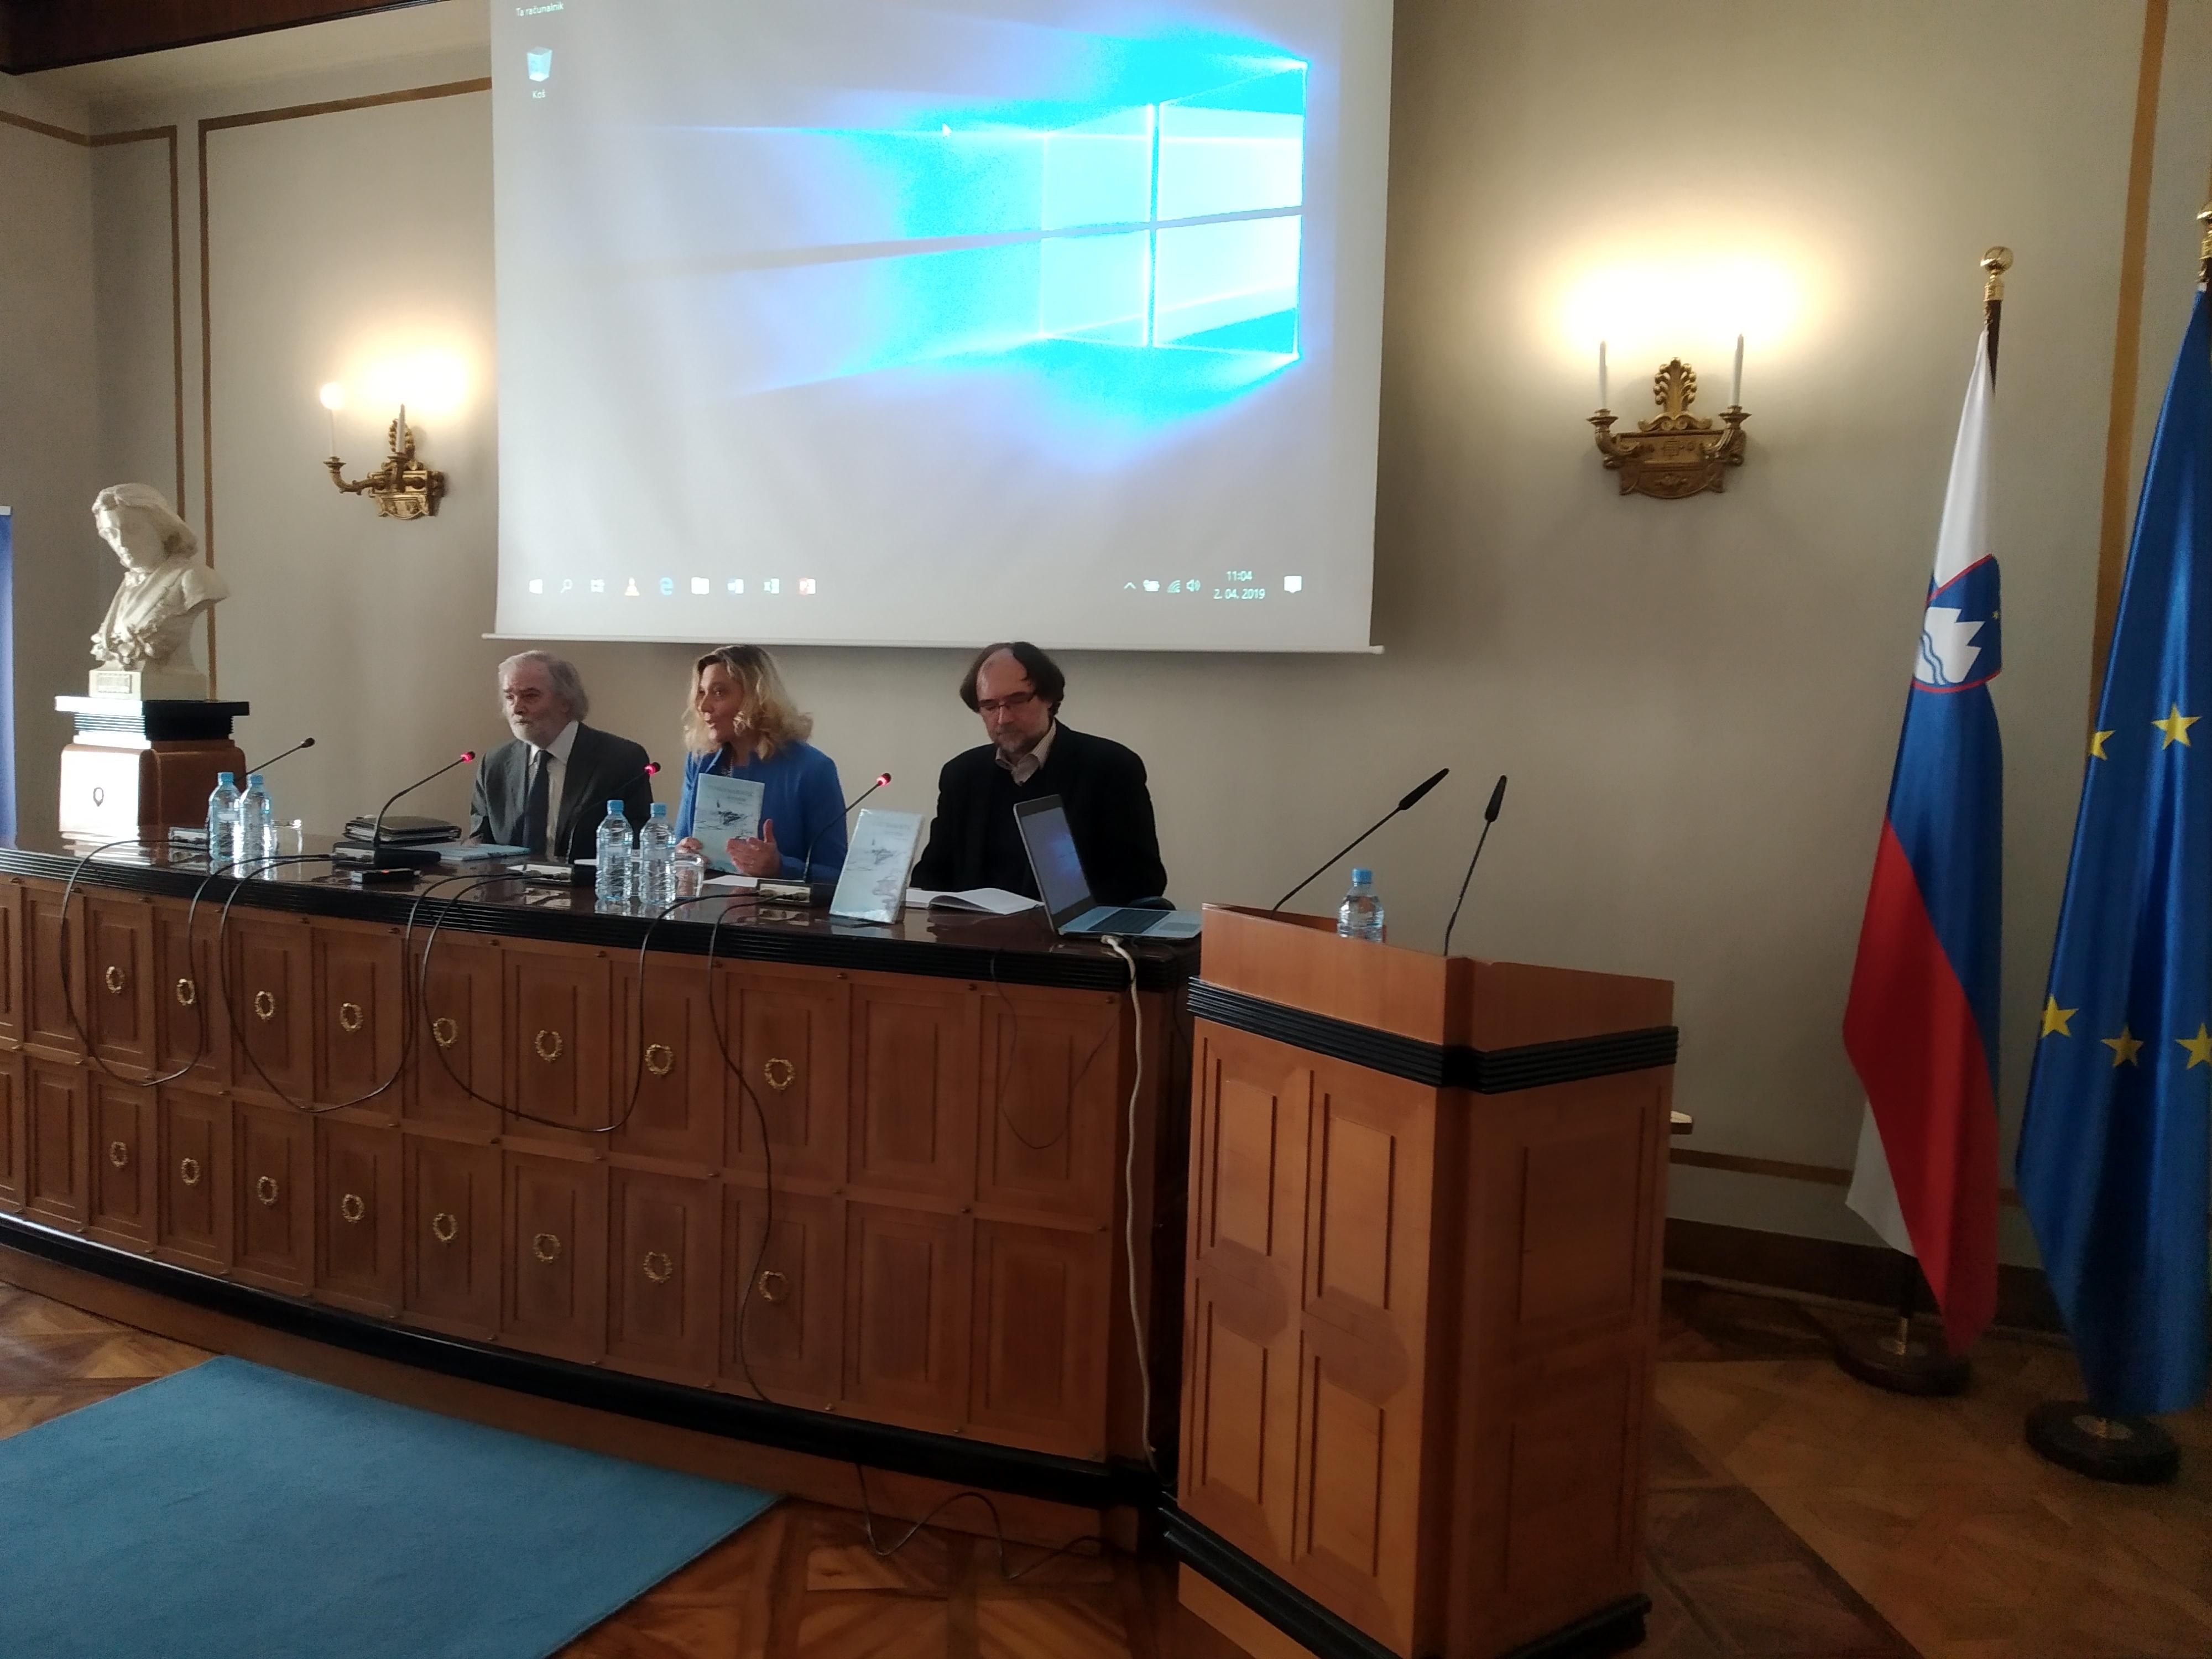 Predstavitev pesniške zbirke Tonka Maroevića